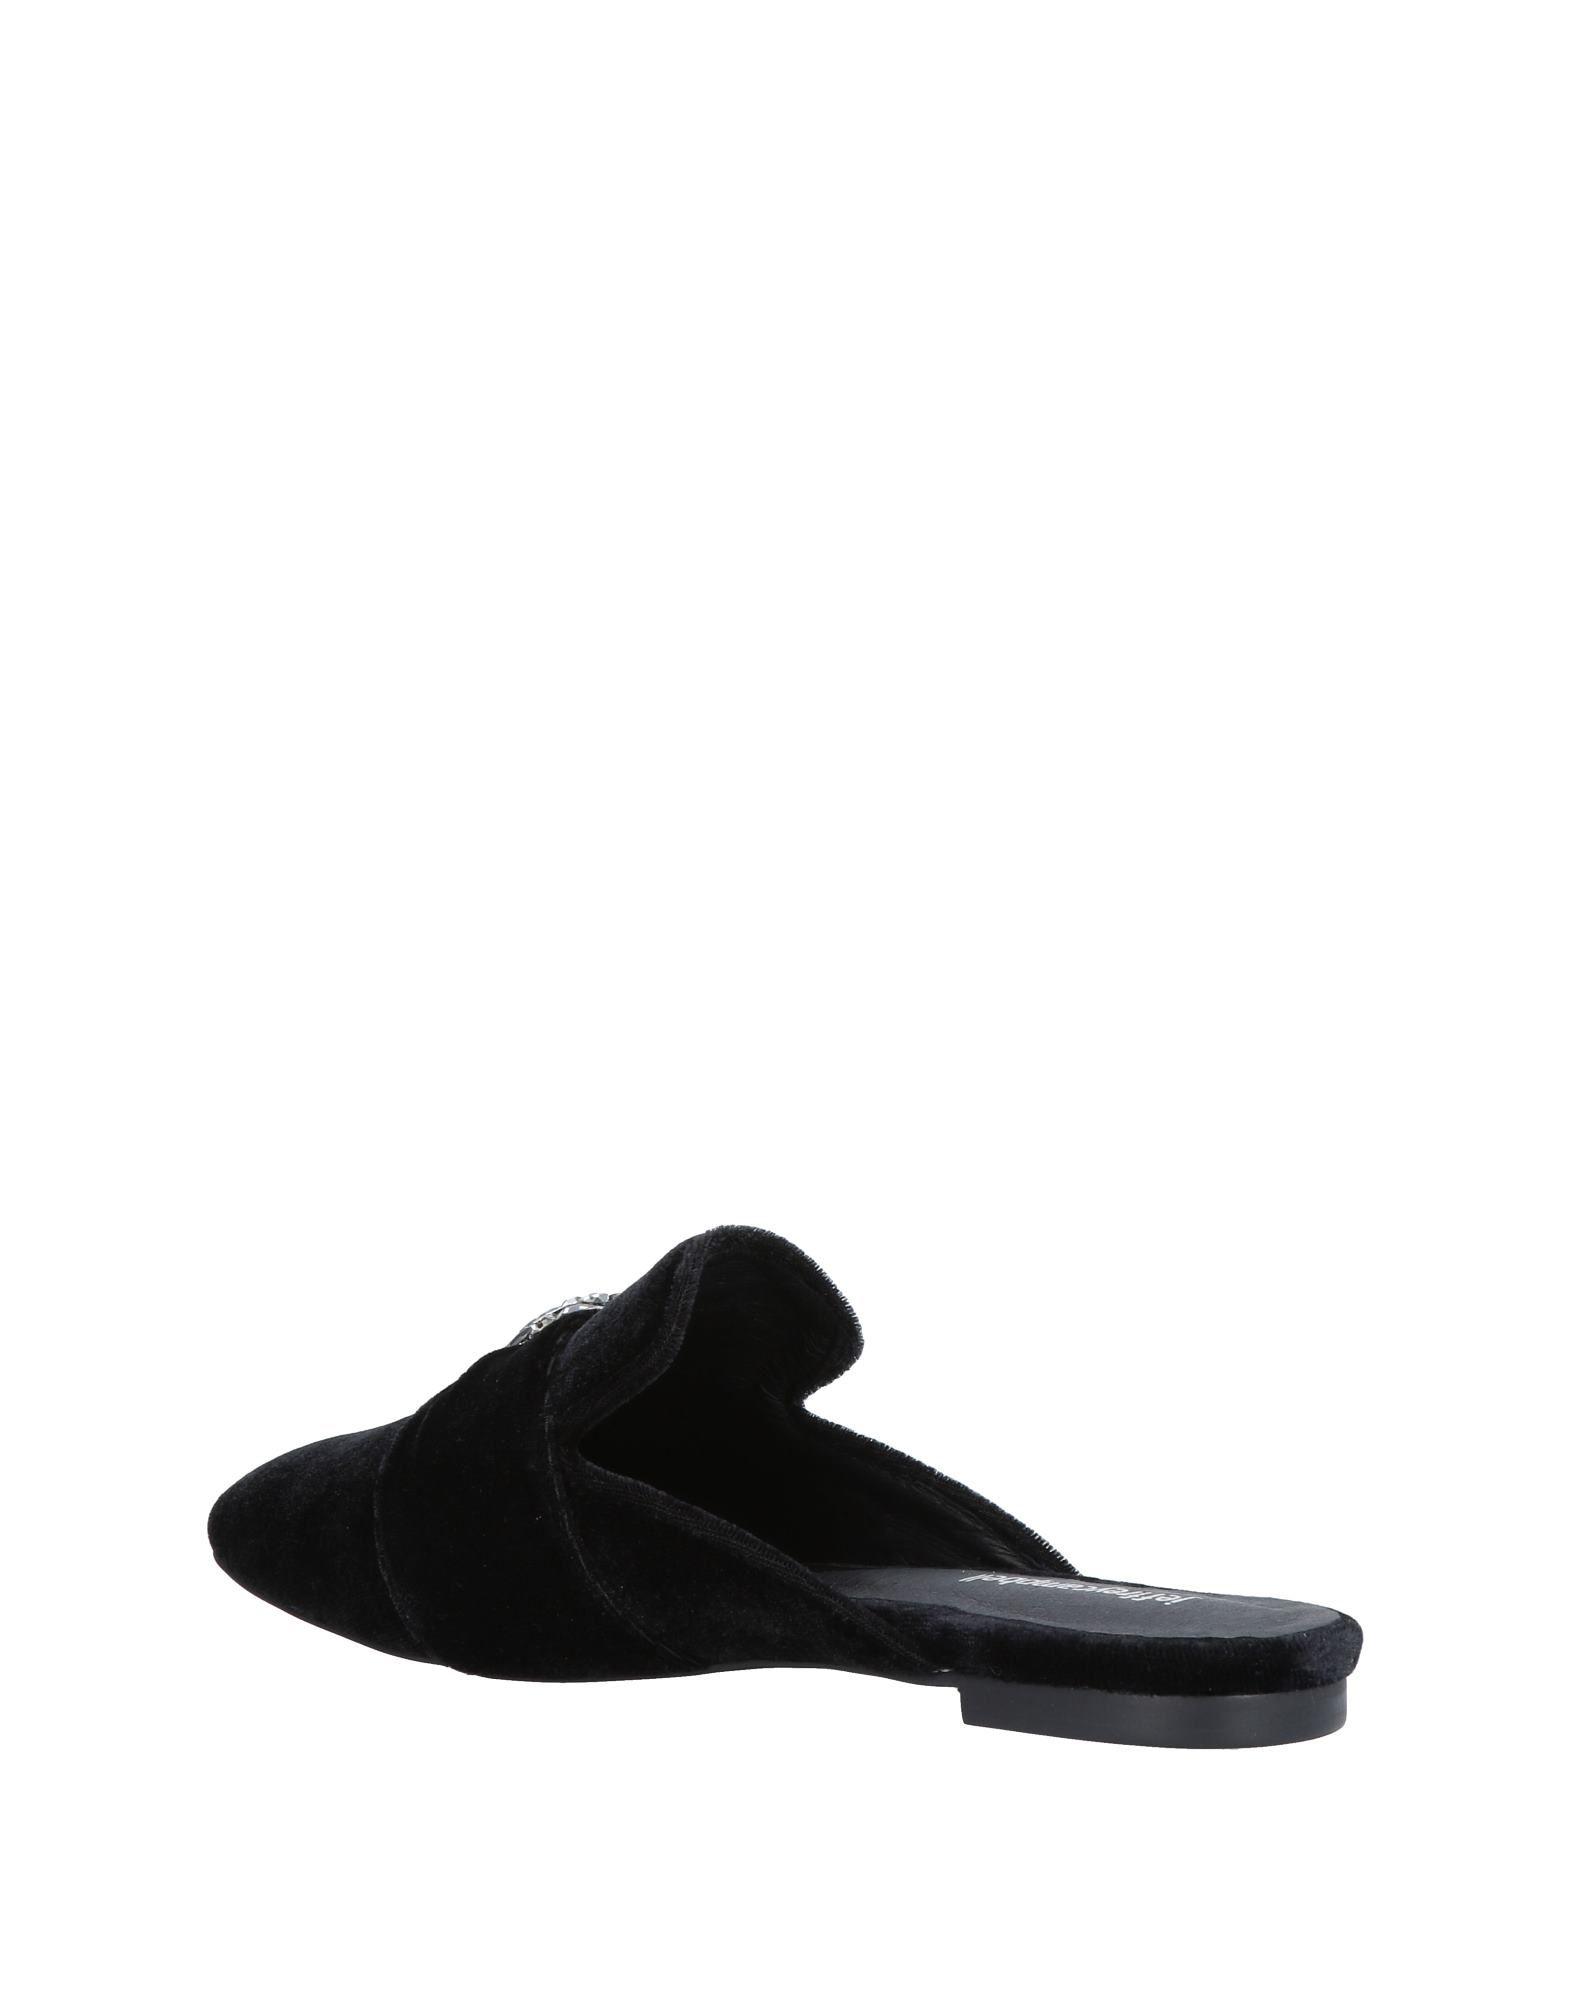 Jeffrey Campbell Pantoletten Damen  Schuhe 11465440CL Gute Qualität beliebte Schuhe  b56ae5